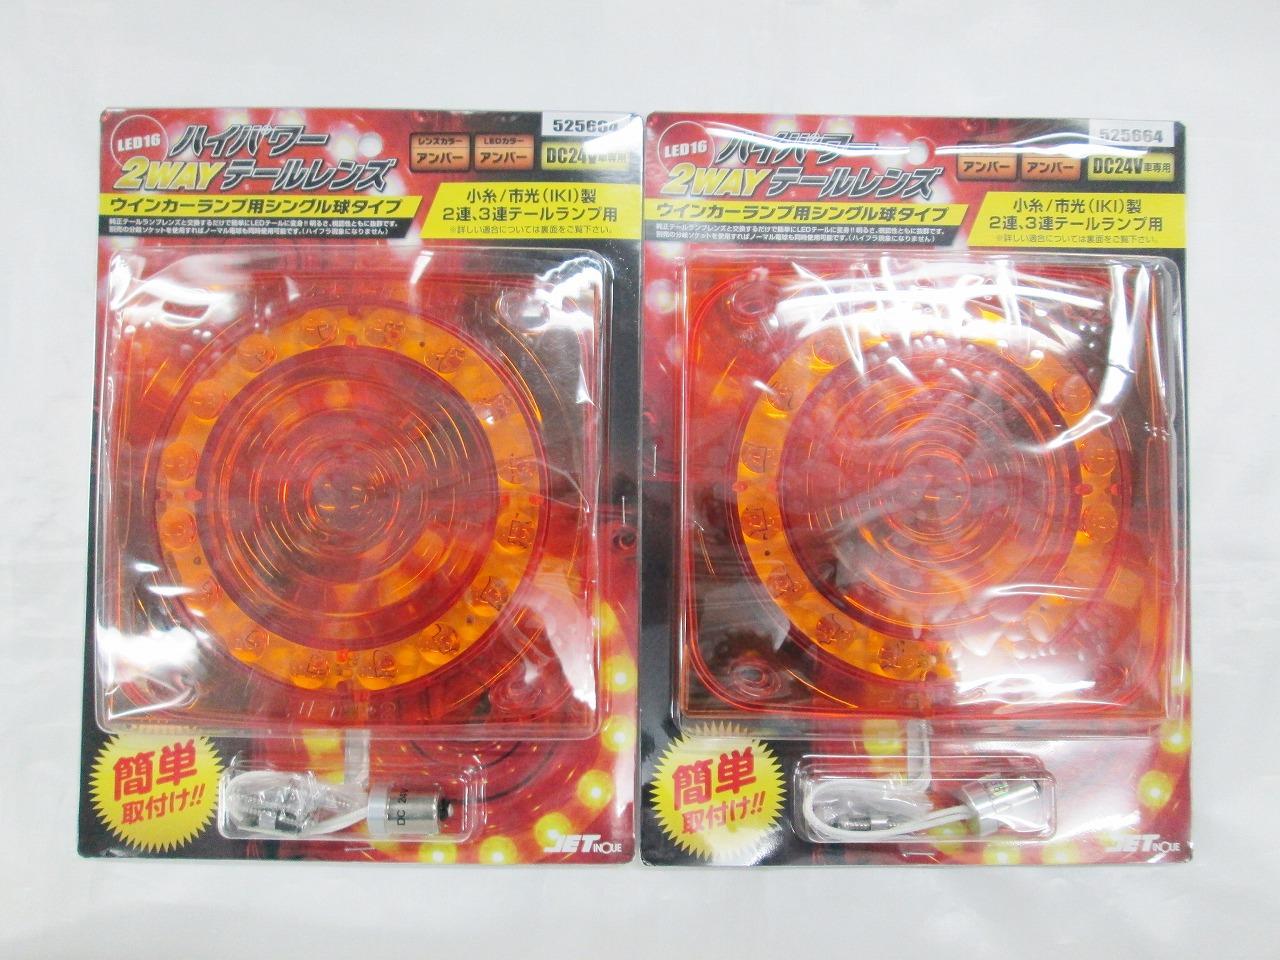 ハイパワー2WAYテールレンズ ウインカー 小糸/市光製 2連、3連テールランプ用